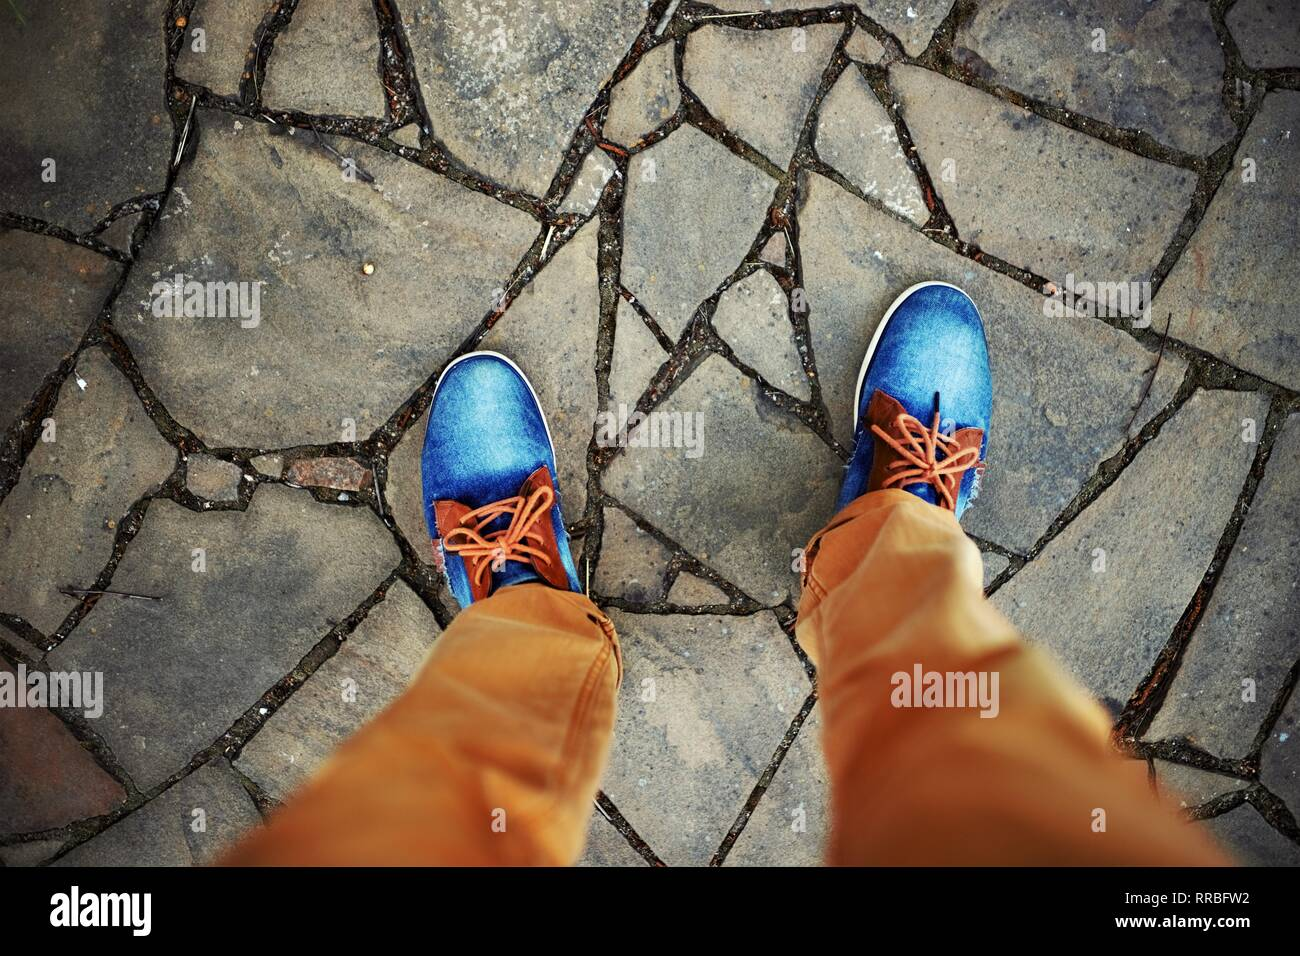 Uomini in piedi in jeans e scarpe da ginnastica rusty i jeans sono